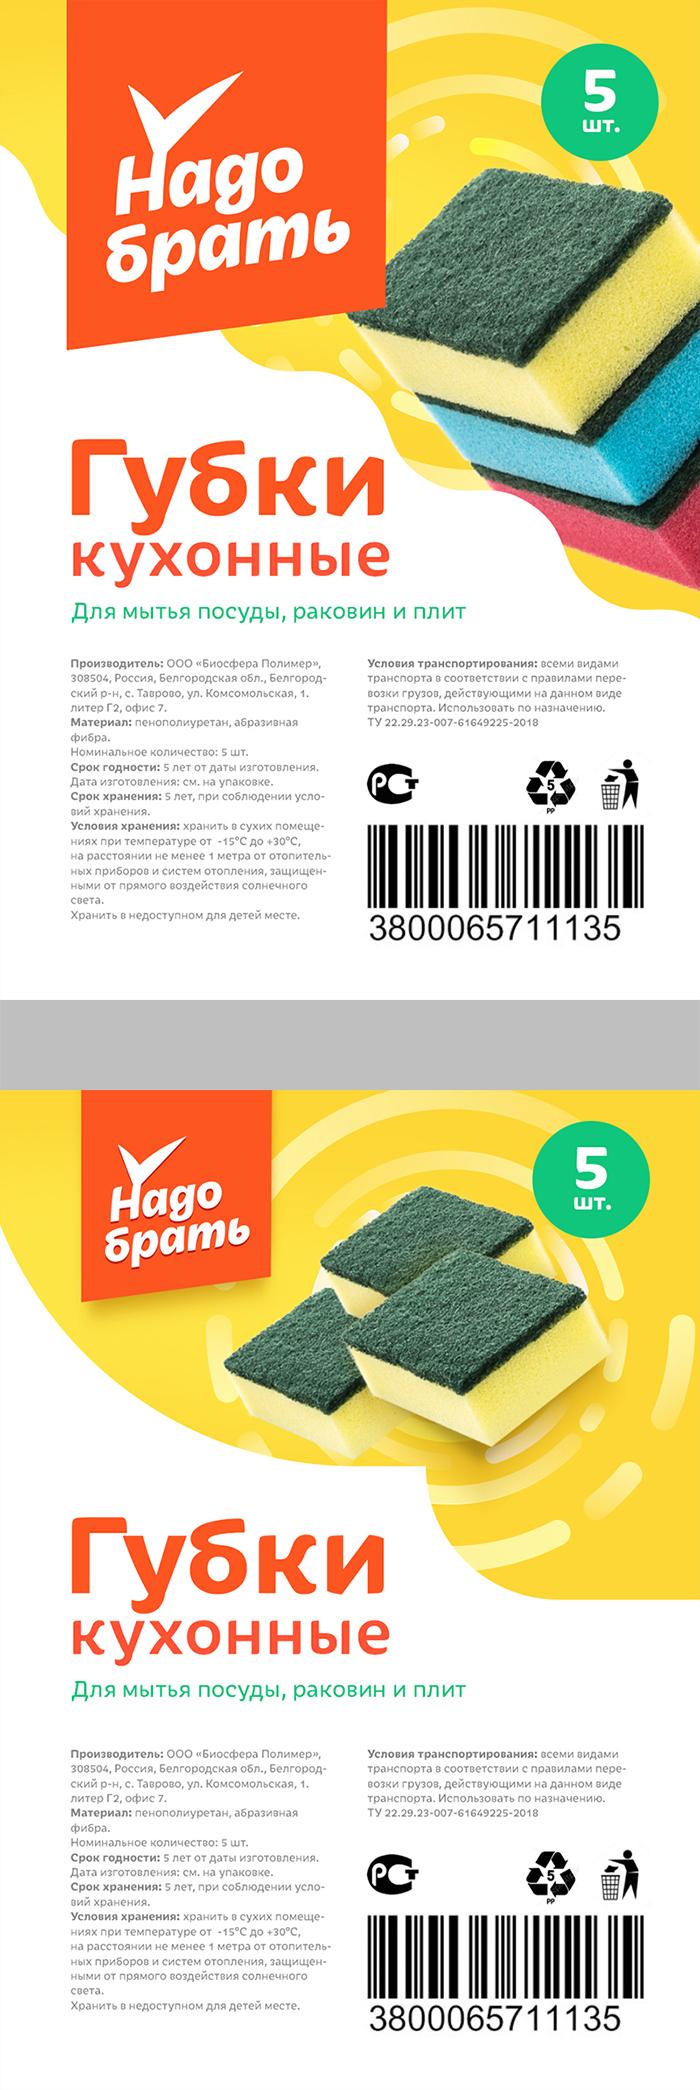 Дизайн логотипа и упаковки СТМ фото f_3425c61dd402af2e.jpg